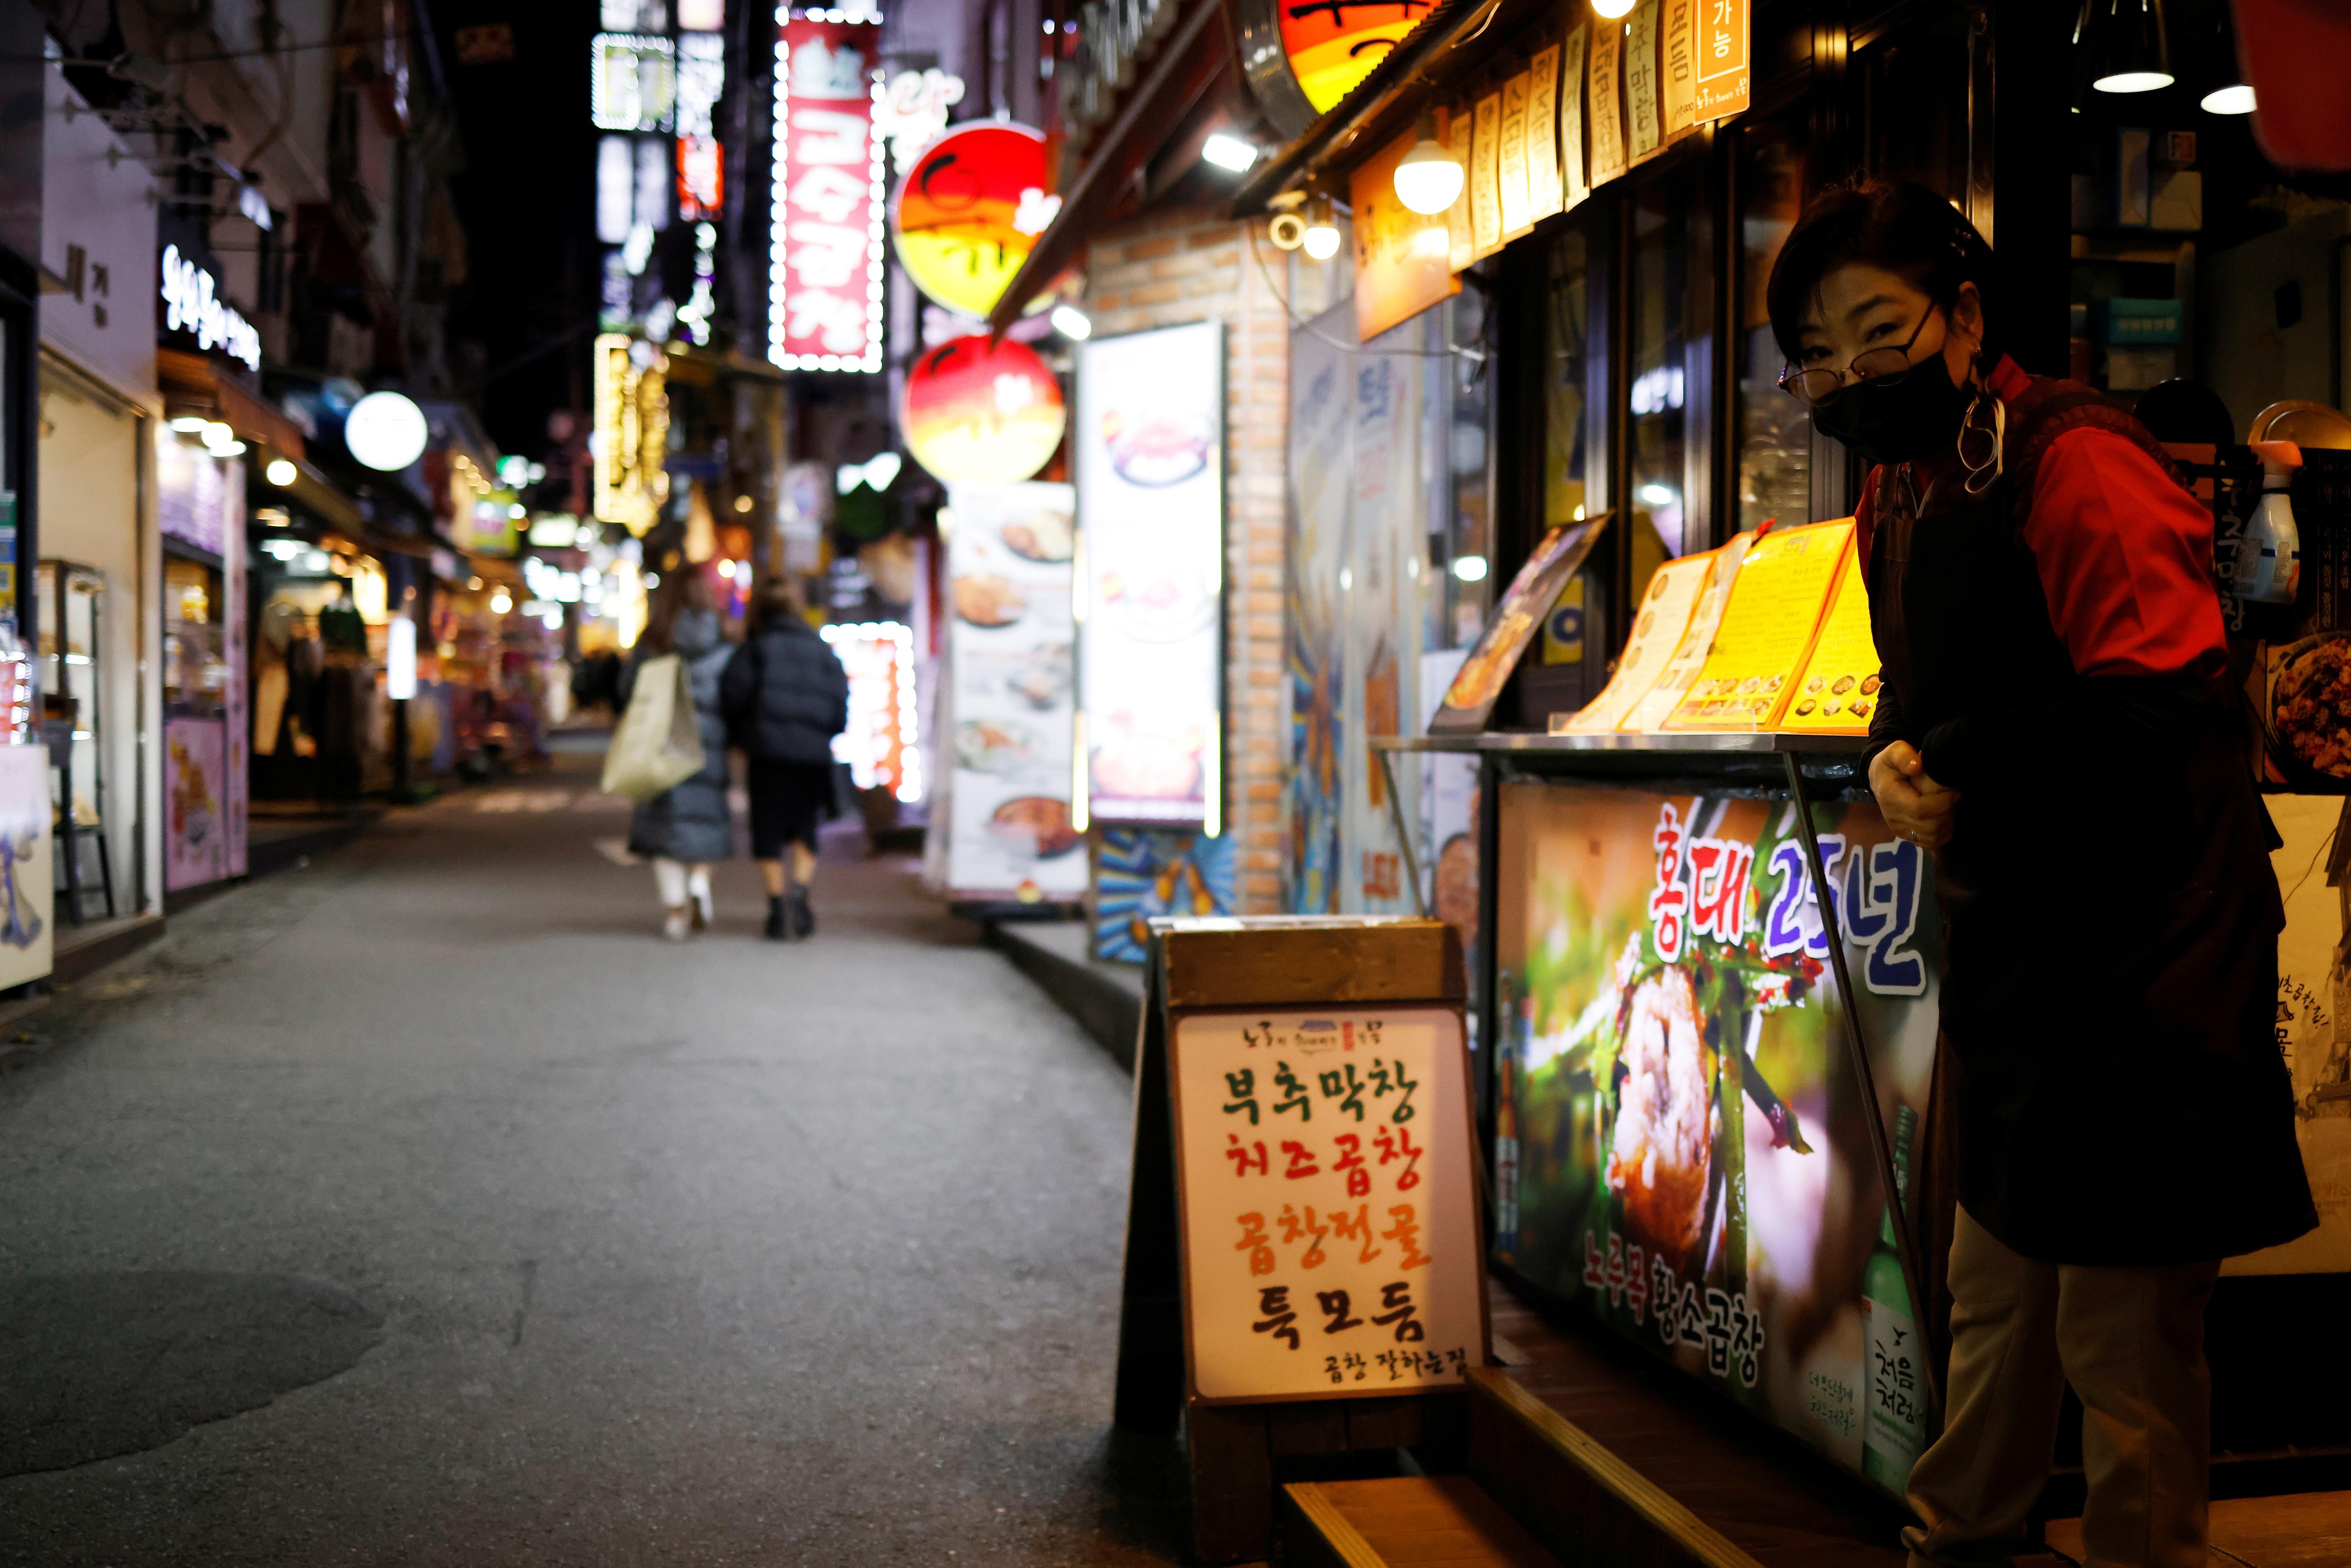 ▲▼南韓疫情延燒,首爾市弘大一間烤牛小腸餐廳老扁娘正翹首等待顧客來臨。(圖/路透社)